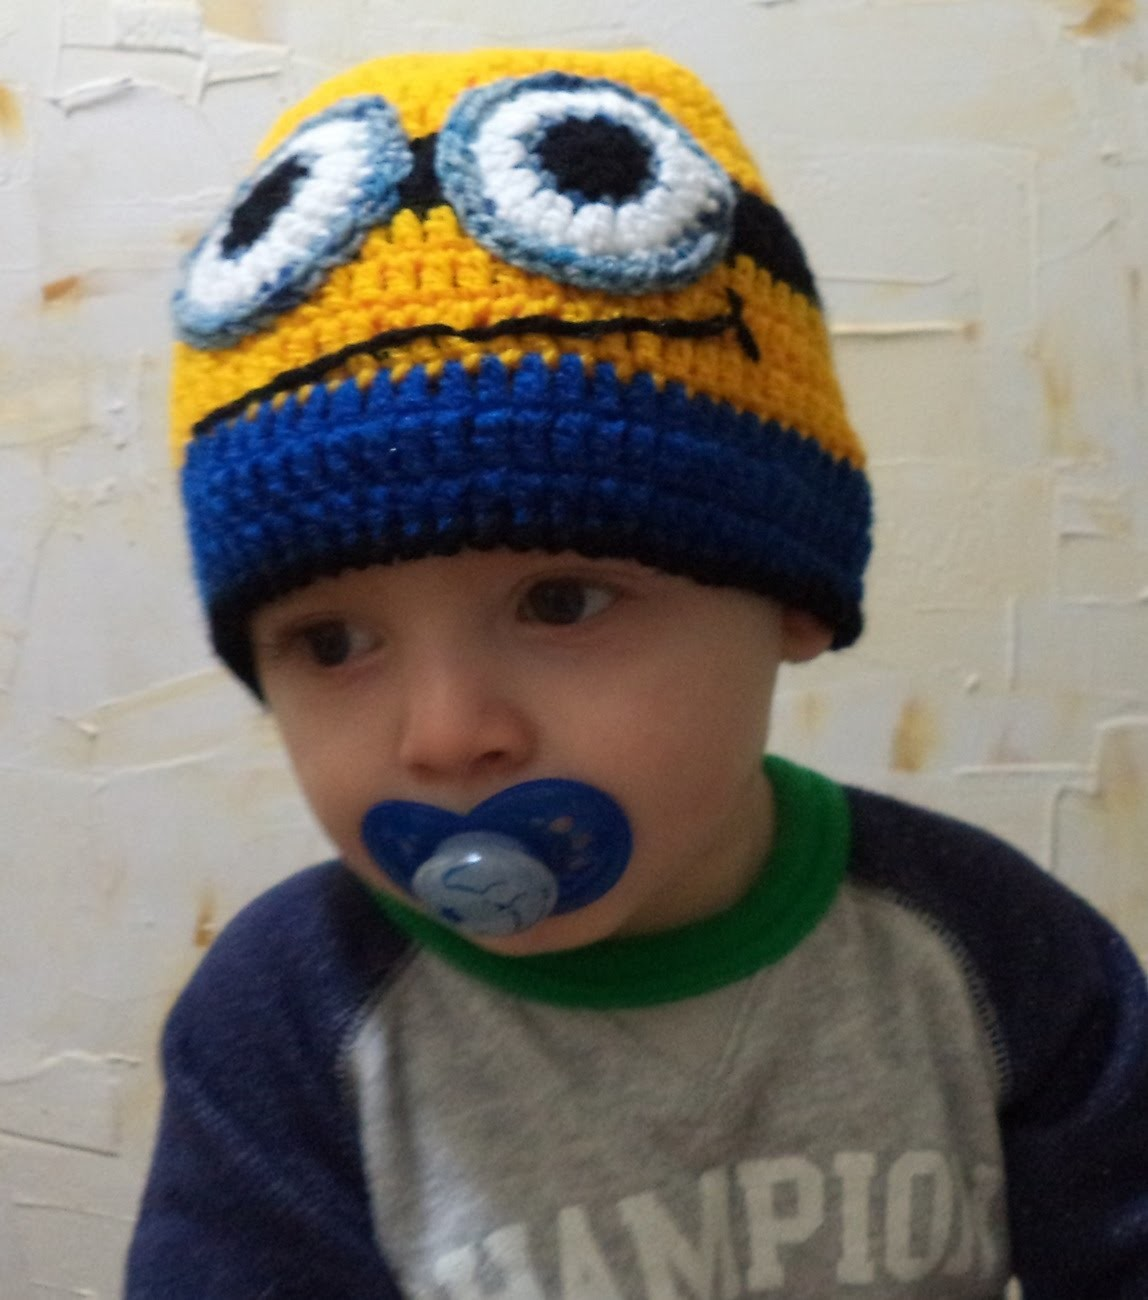 Diy - Touca (gorro)  minions em Crochê Nº 3 - Enzo - 1 Ano - Graça Tristão